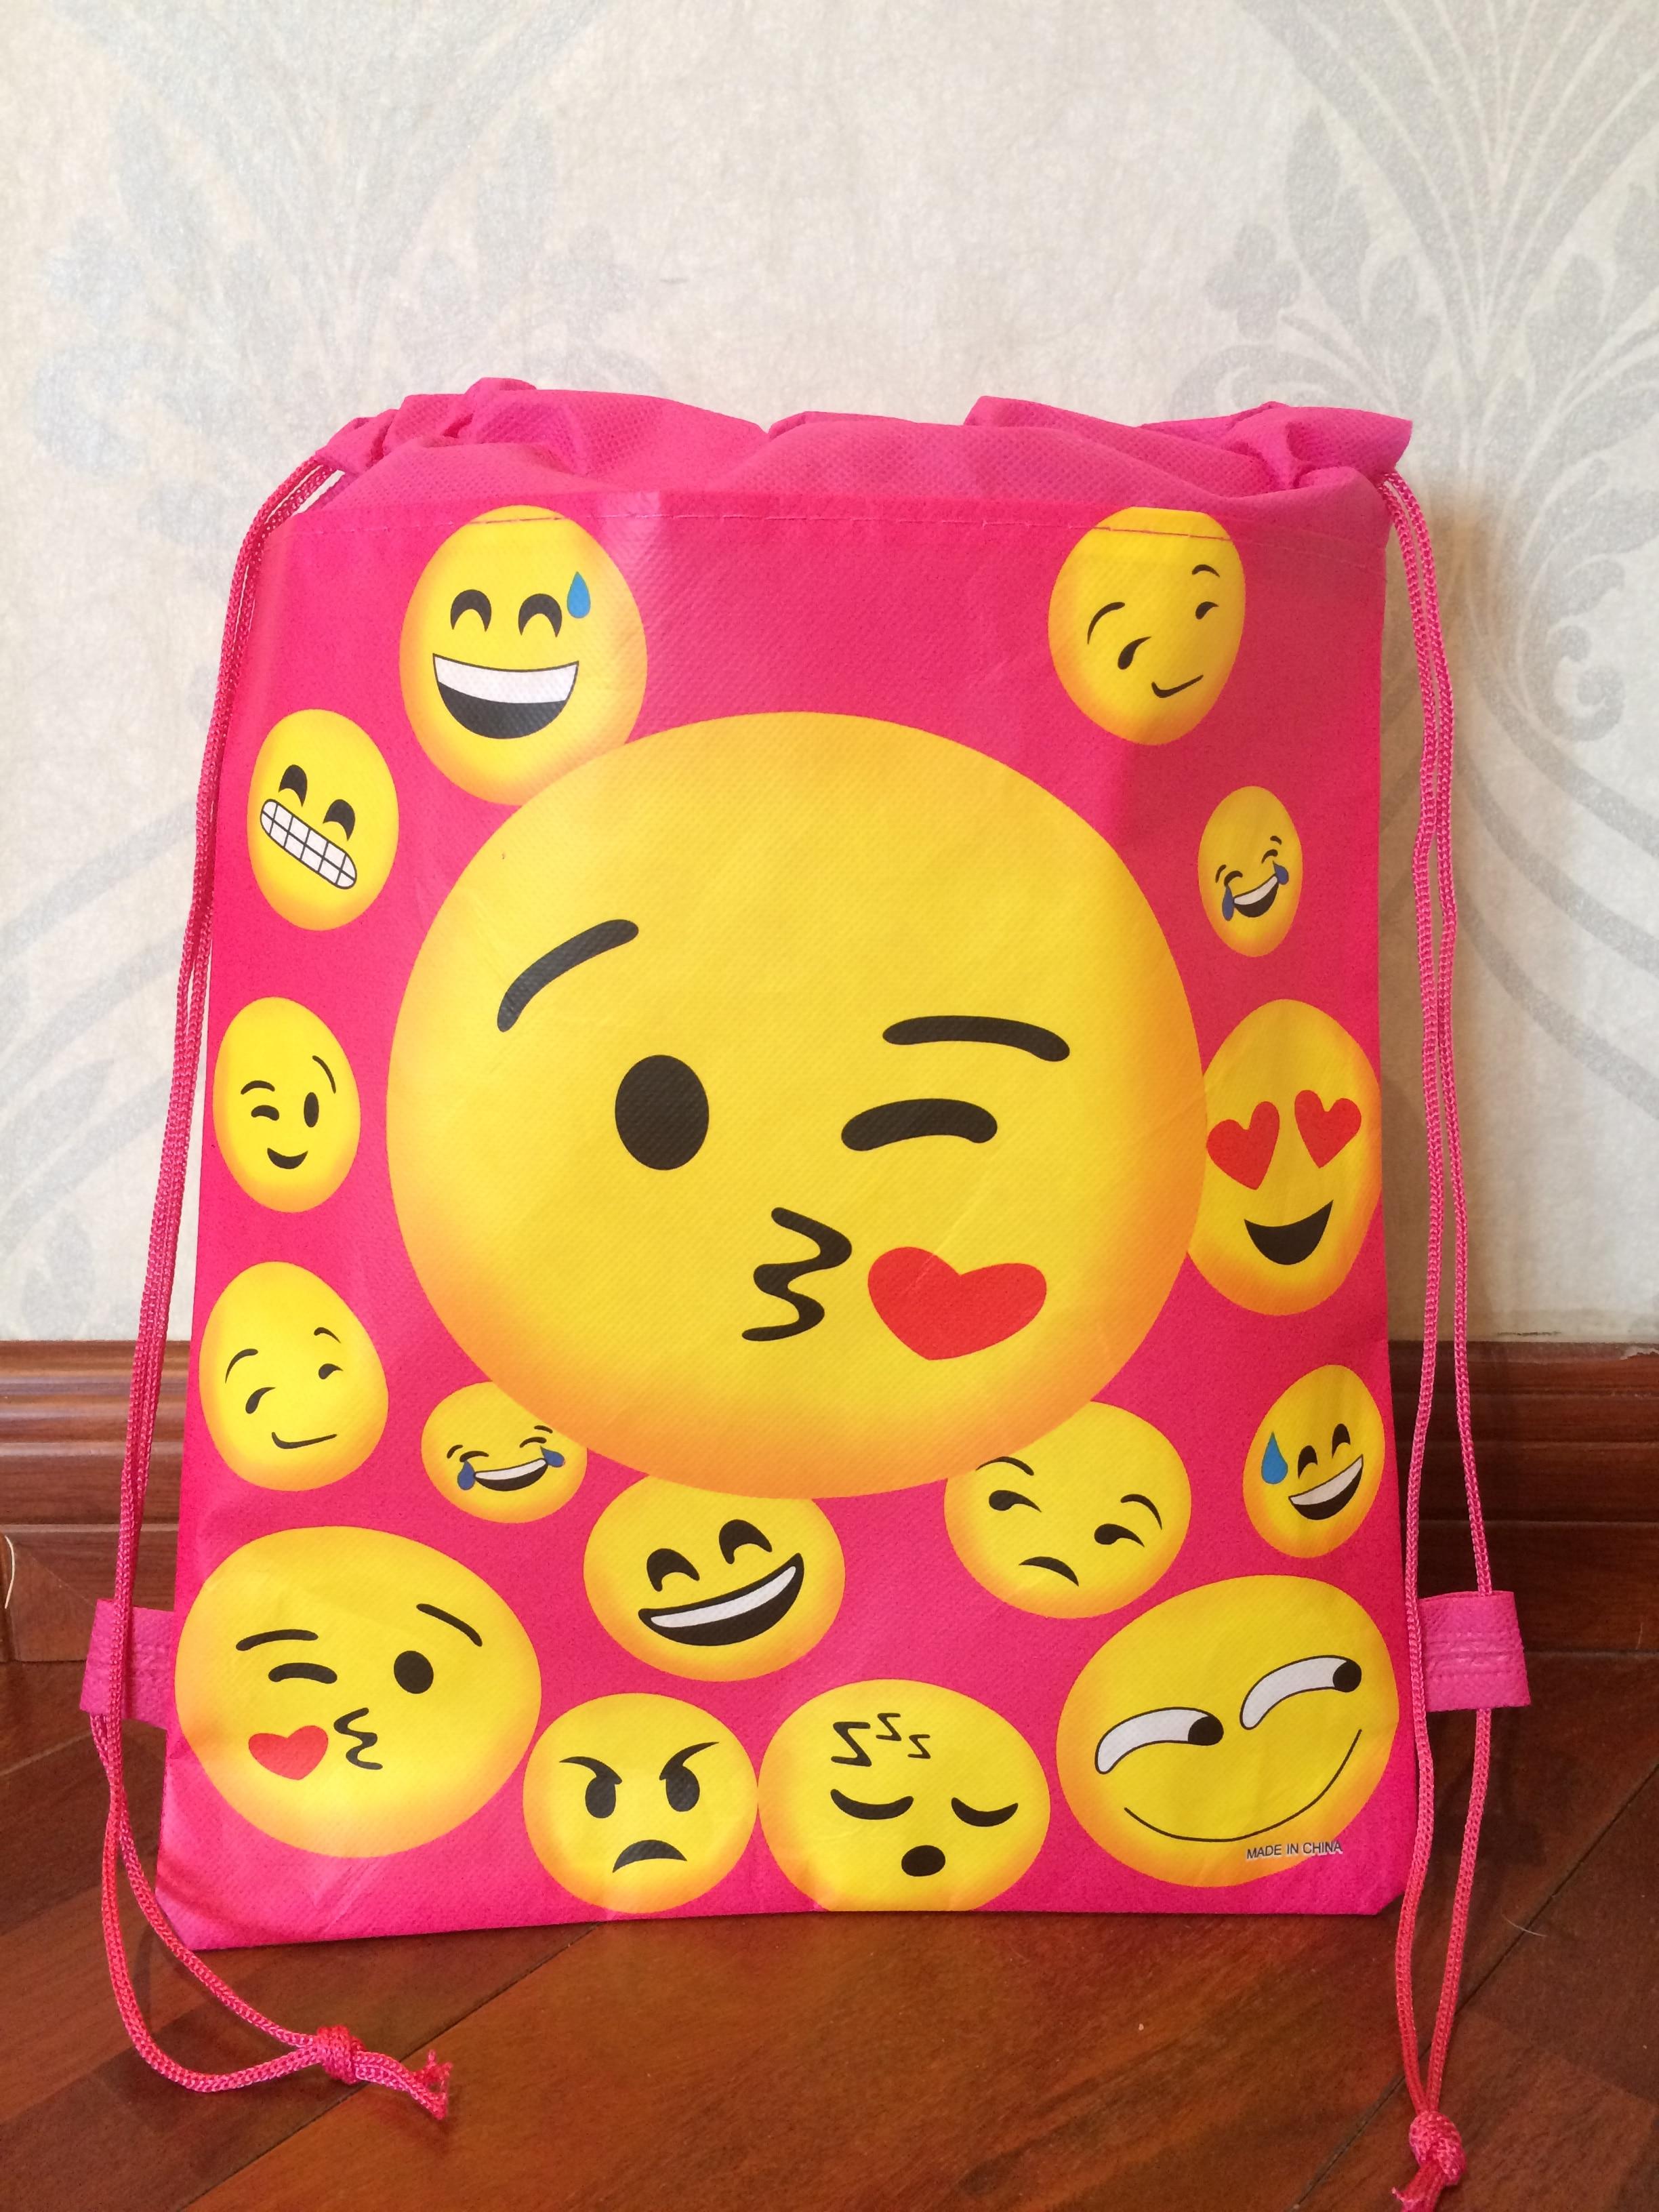 Маленькие дети младенческой Единорог школьная сумка для детей Для мальчиков и девочек Сумка для обуви Единорог день рождения Разное Постав...